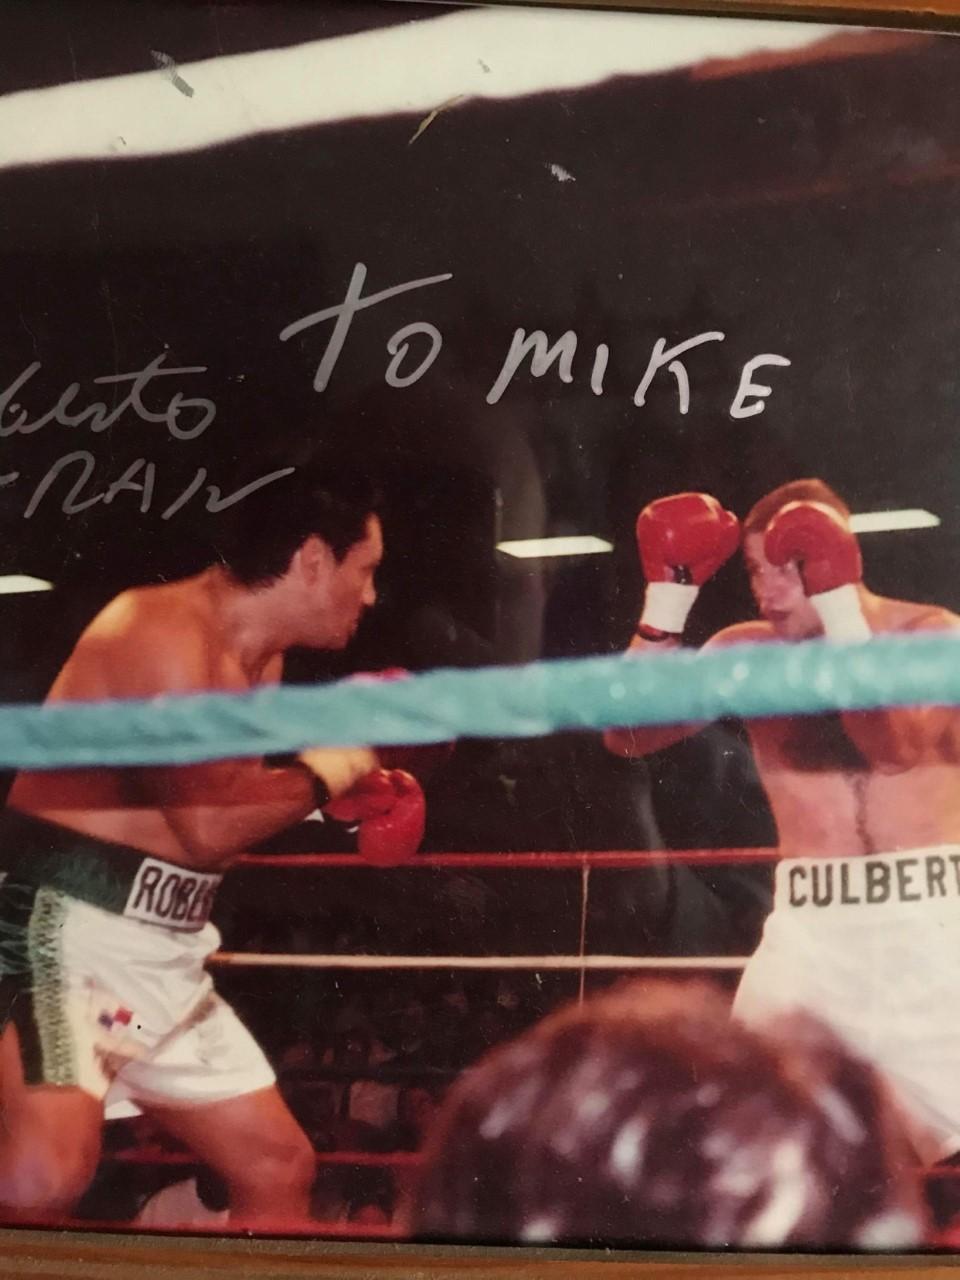 Michael Culbert Vs Roberto Duran